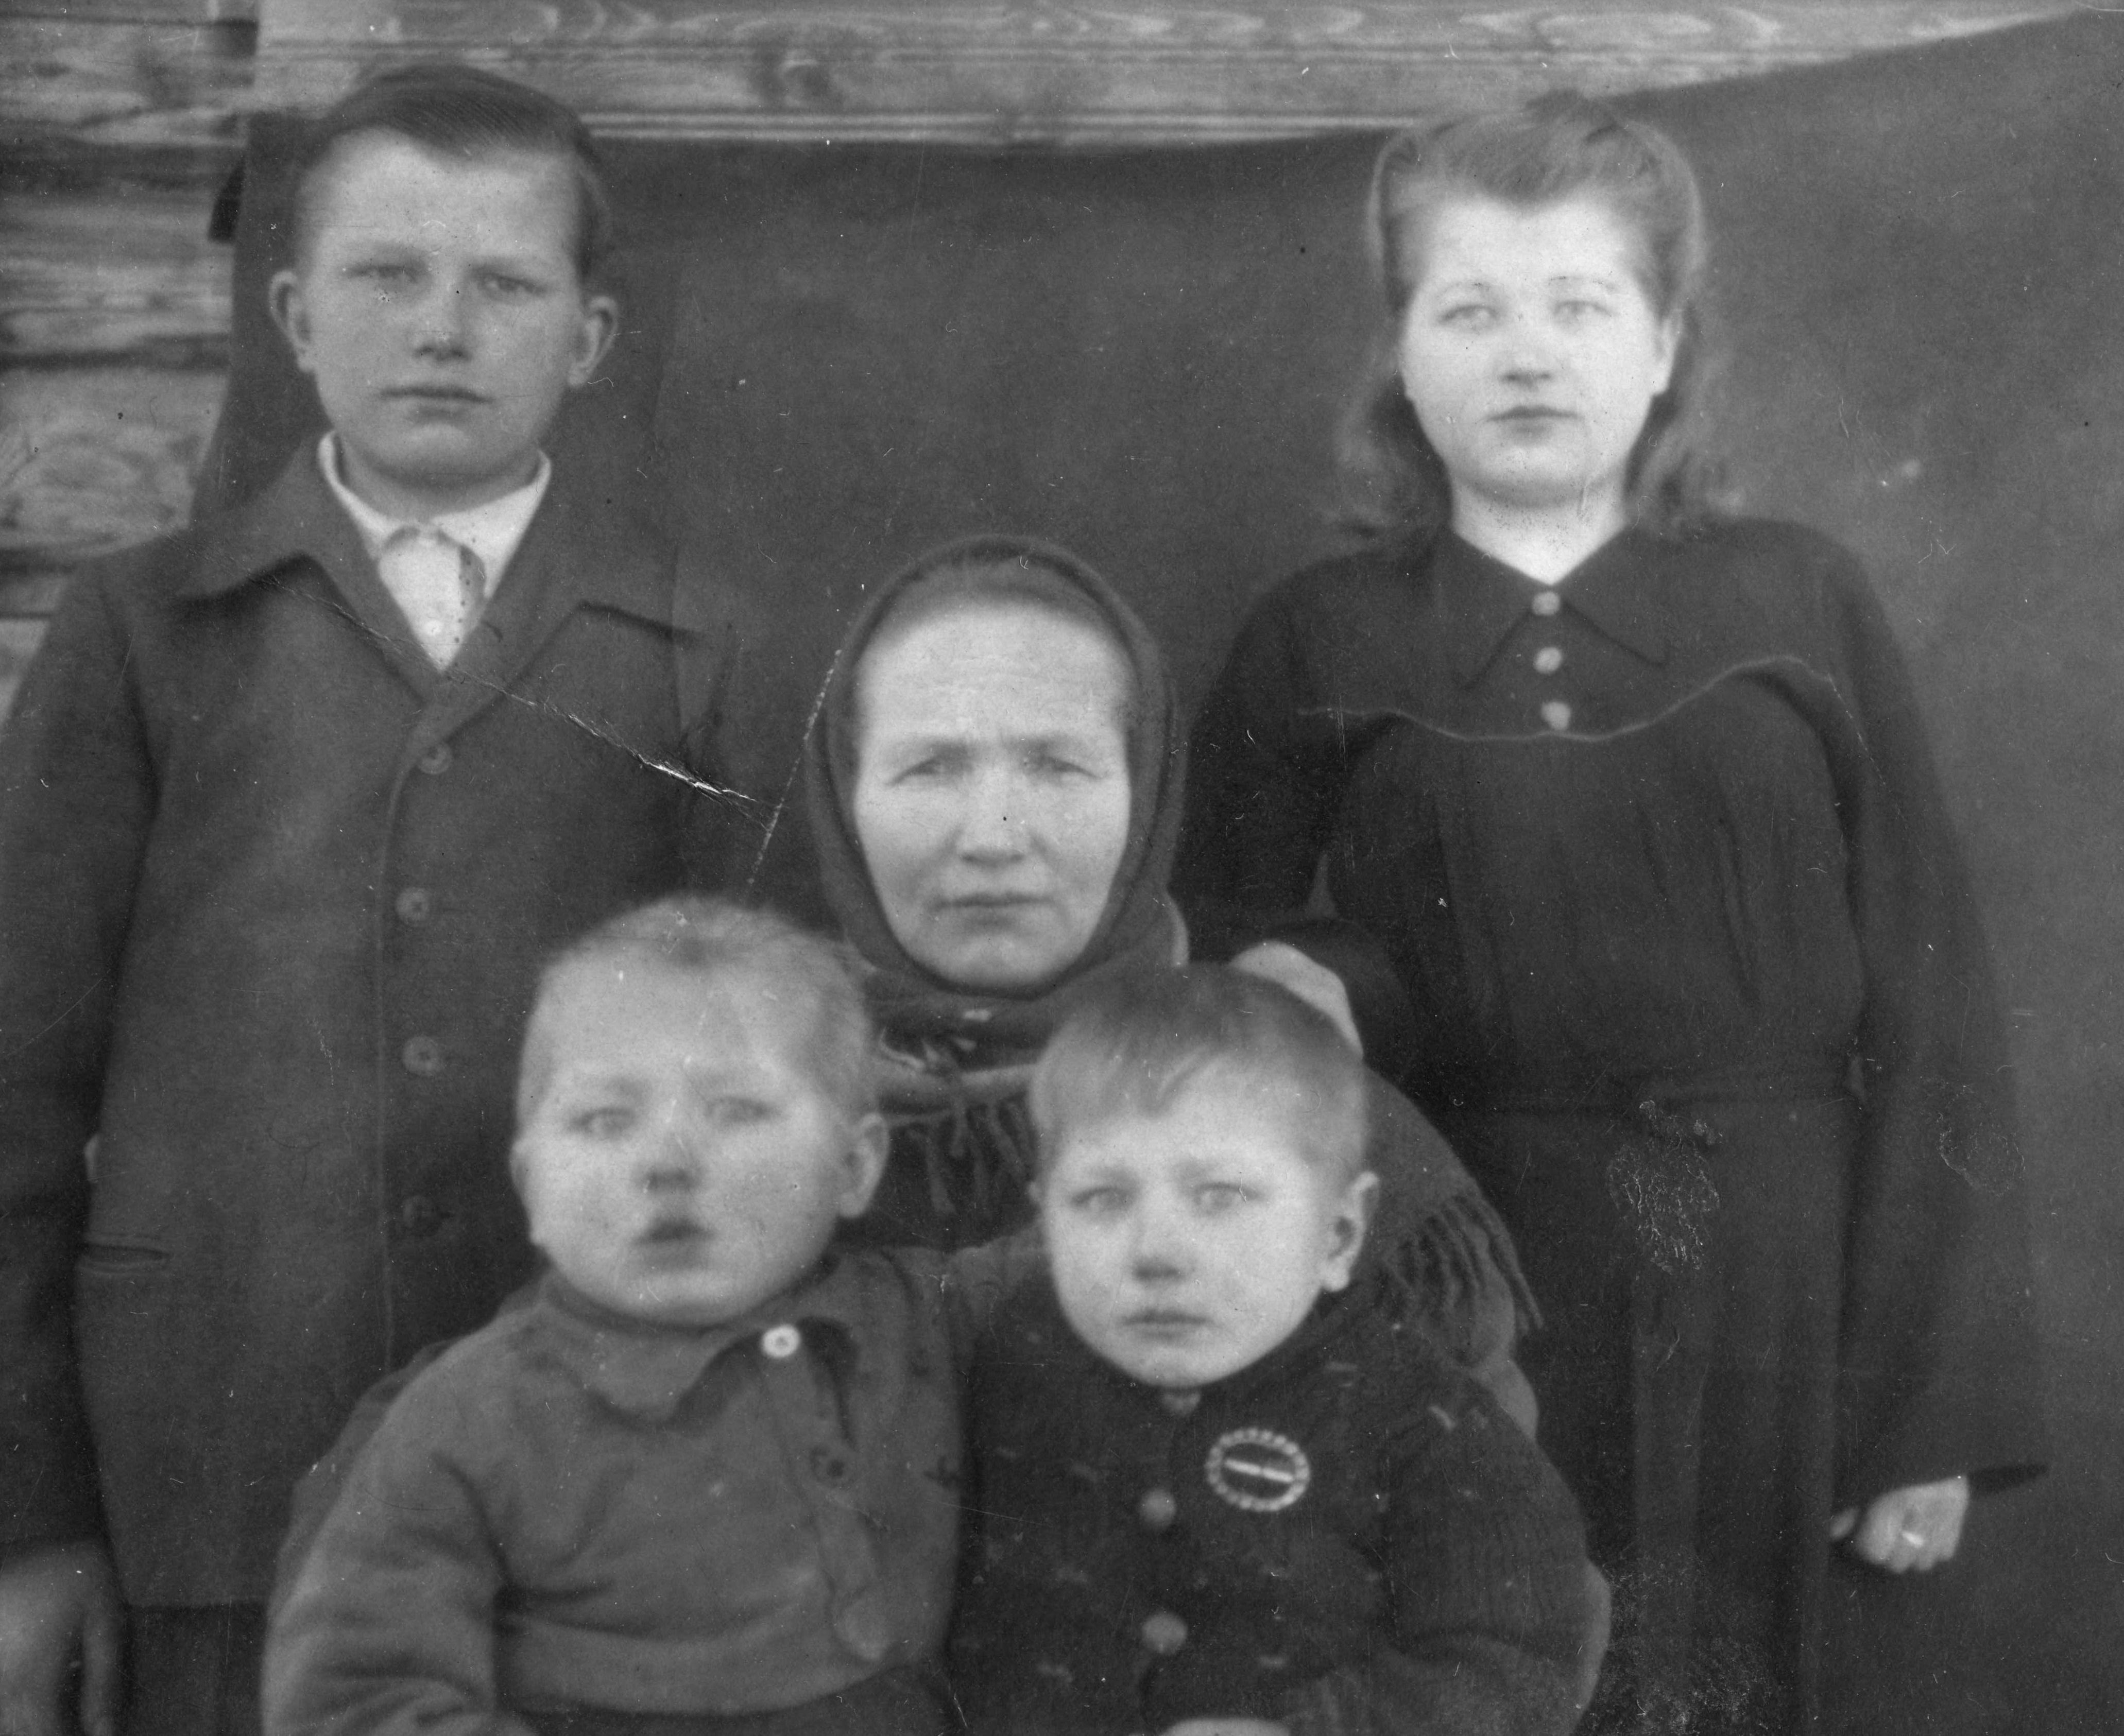 Евдокия Константиновна с детьми. фото 1946 года из семейного архива Травниковой В.В.